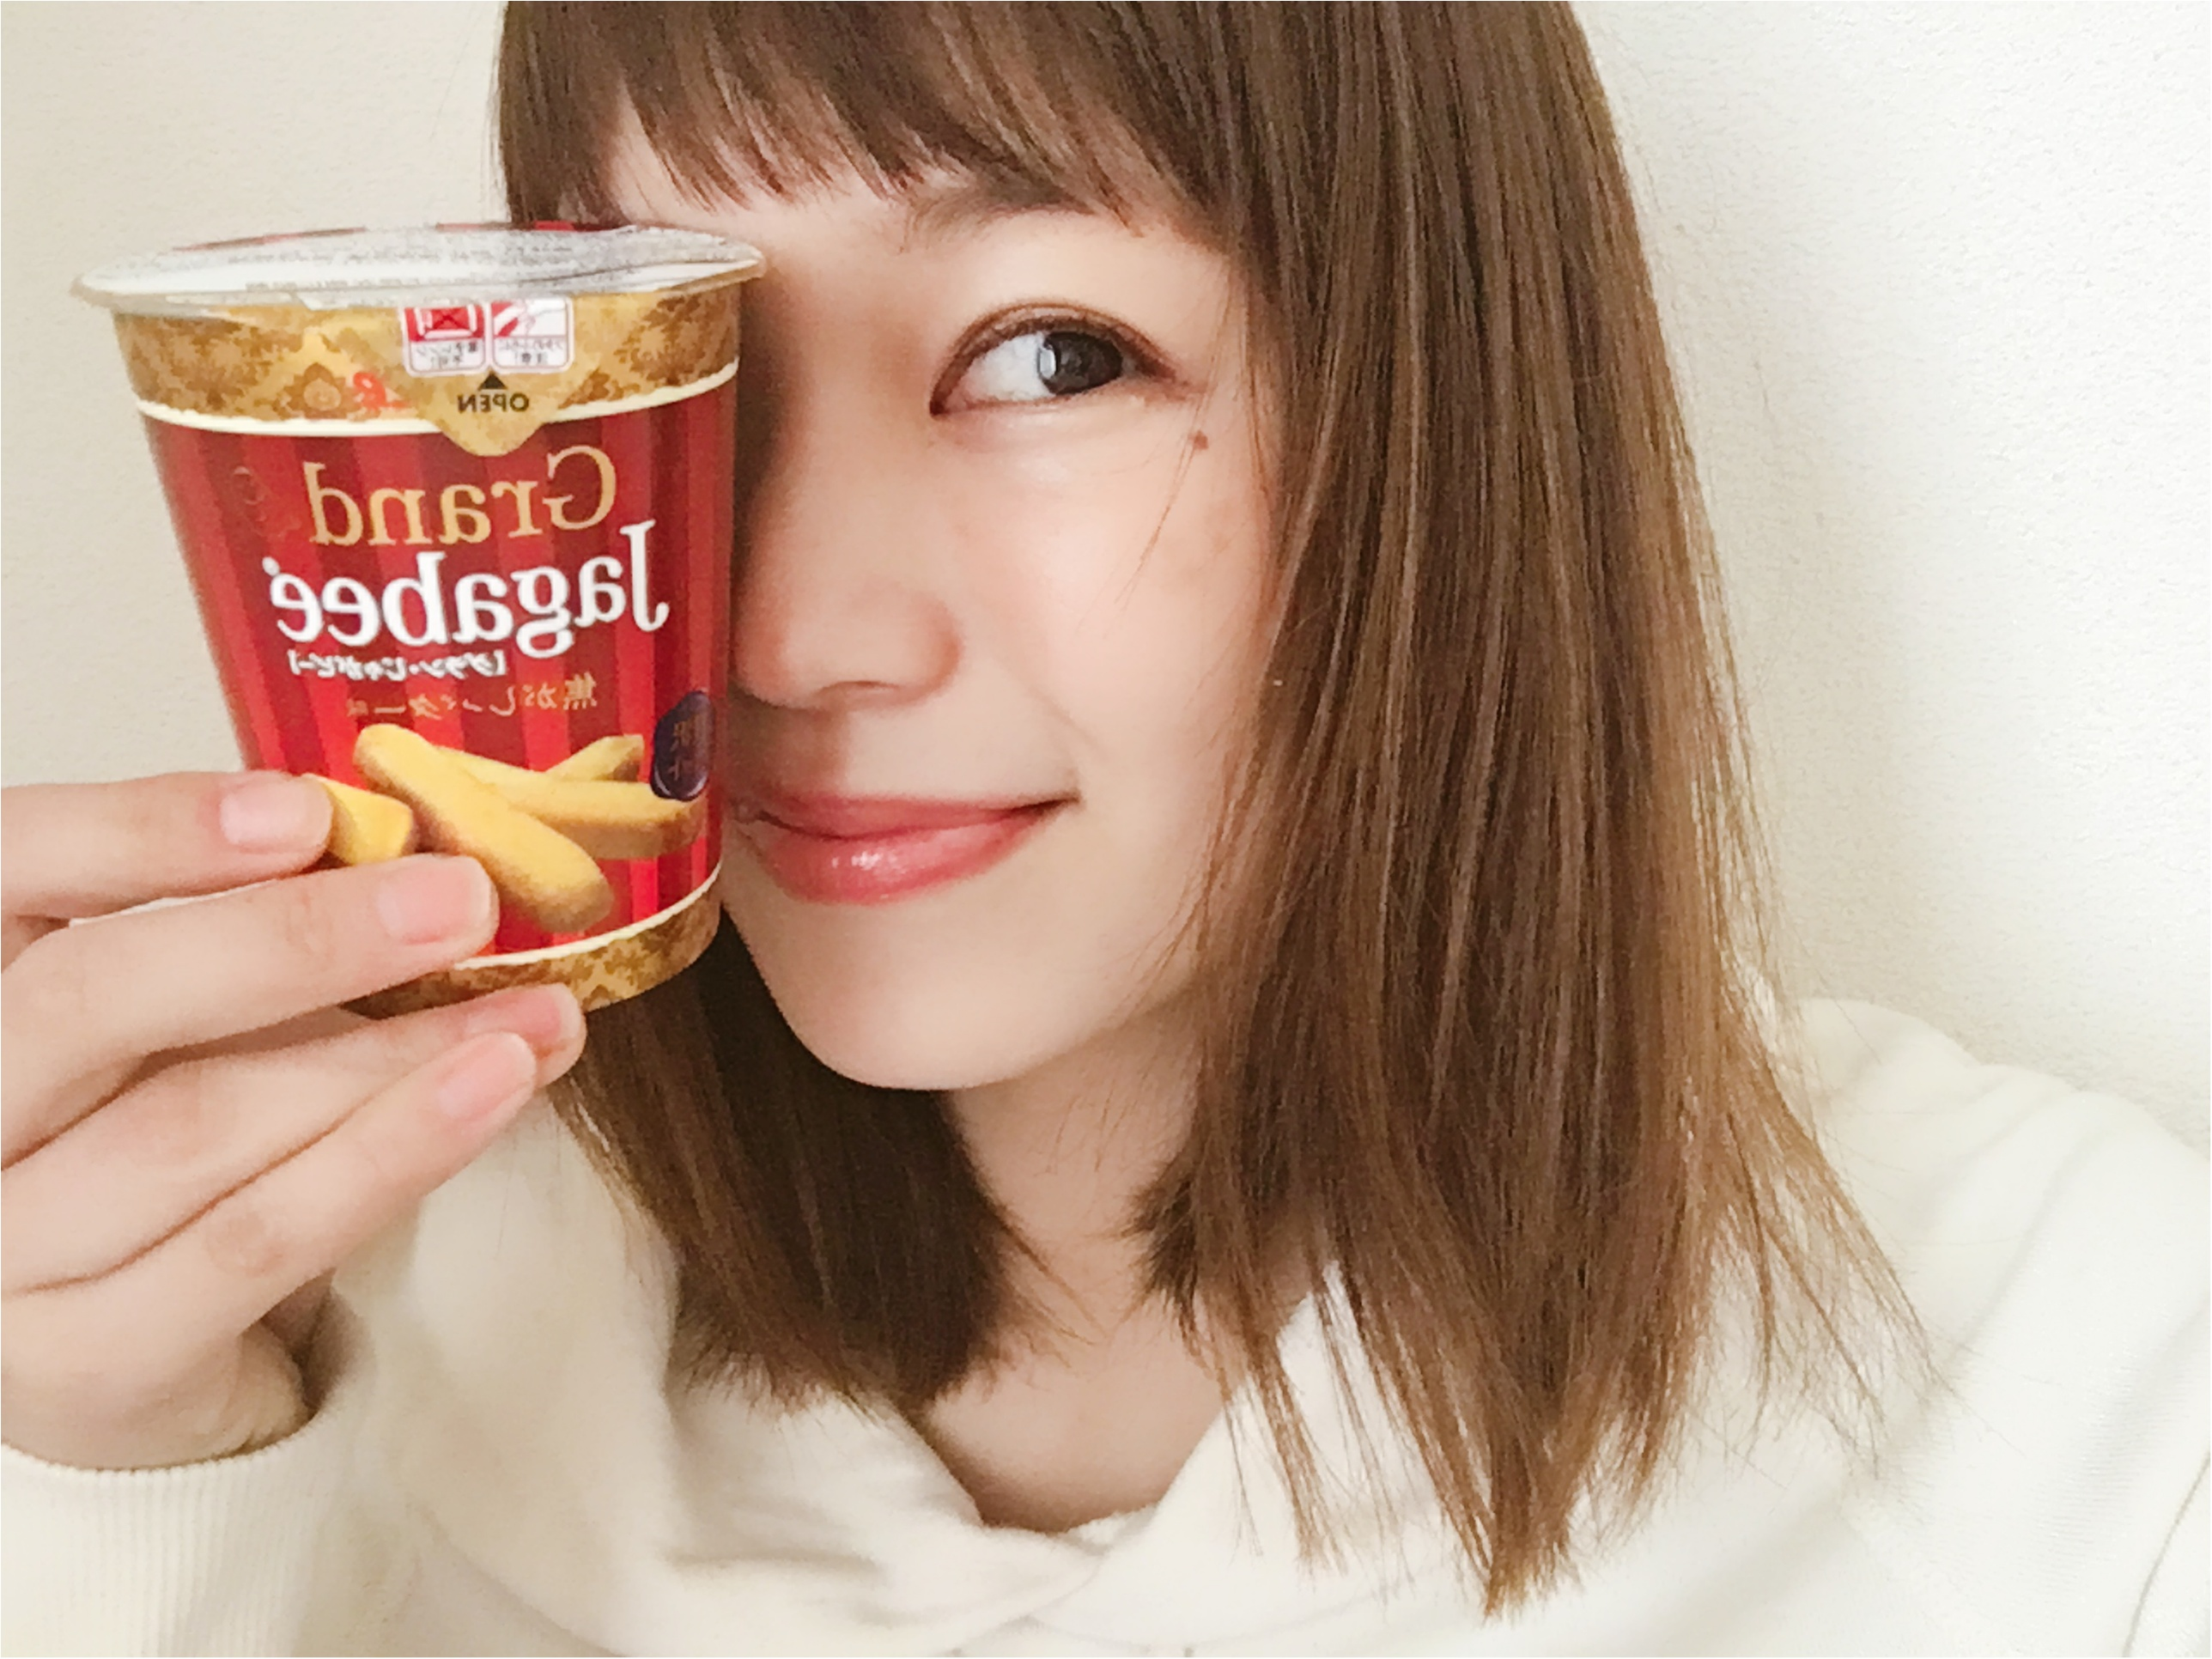 ★【jagabee】×MOREの『バターシナモン味』が発売される前に!贅沢カットの『グラン じゃがビー』はいかがですか??_1